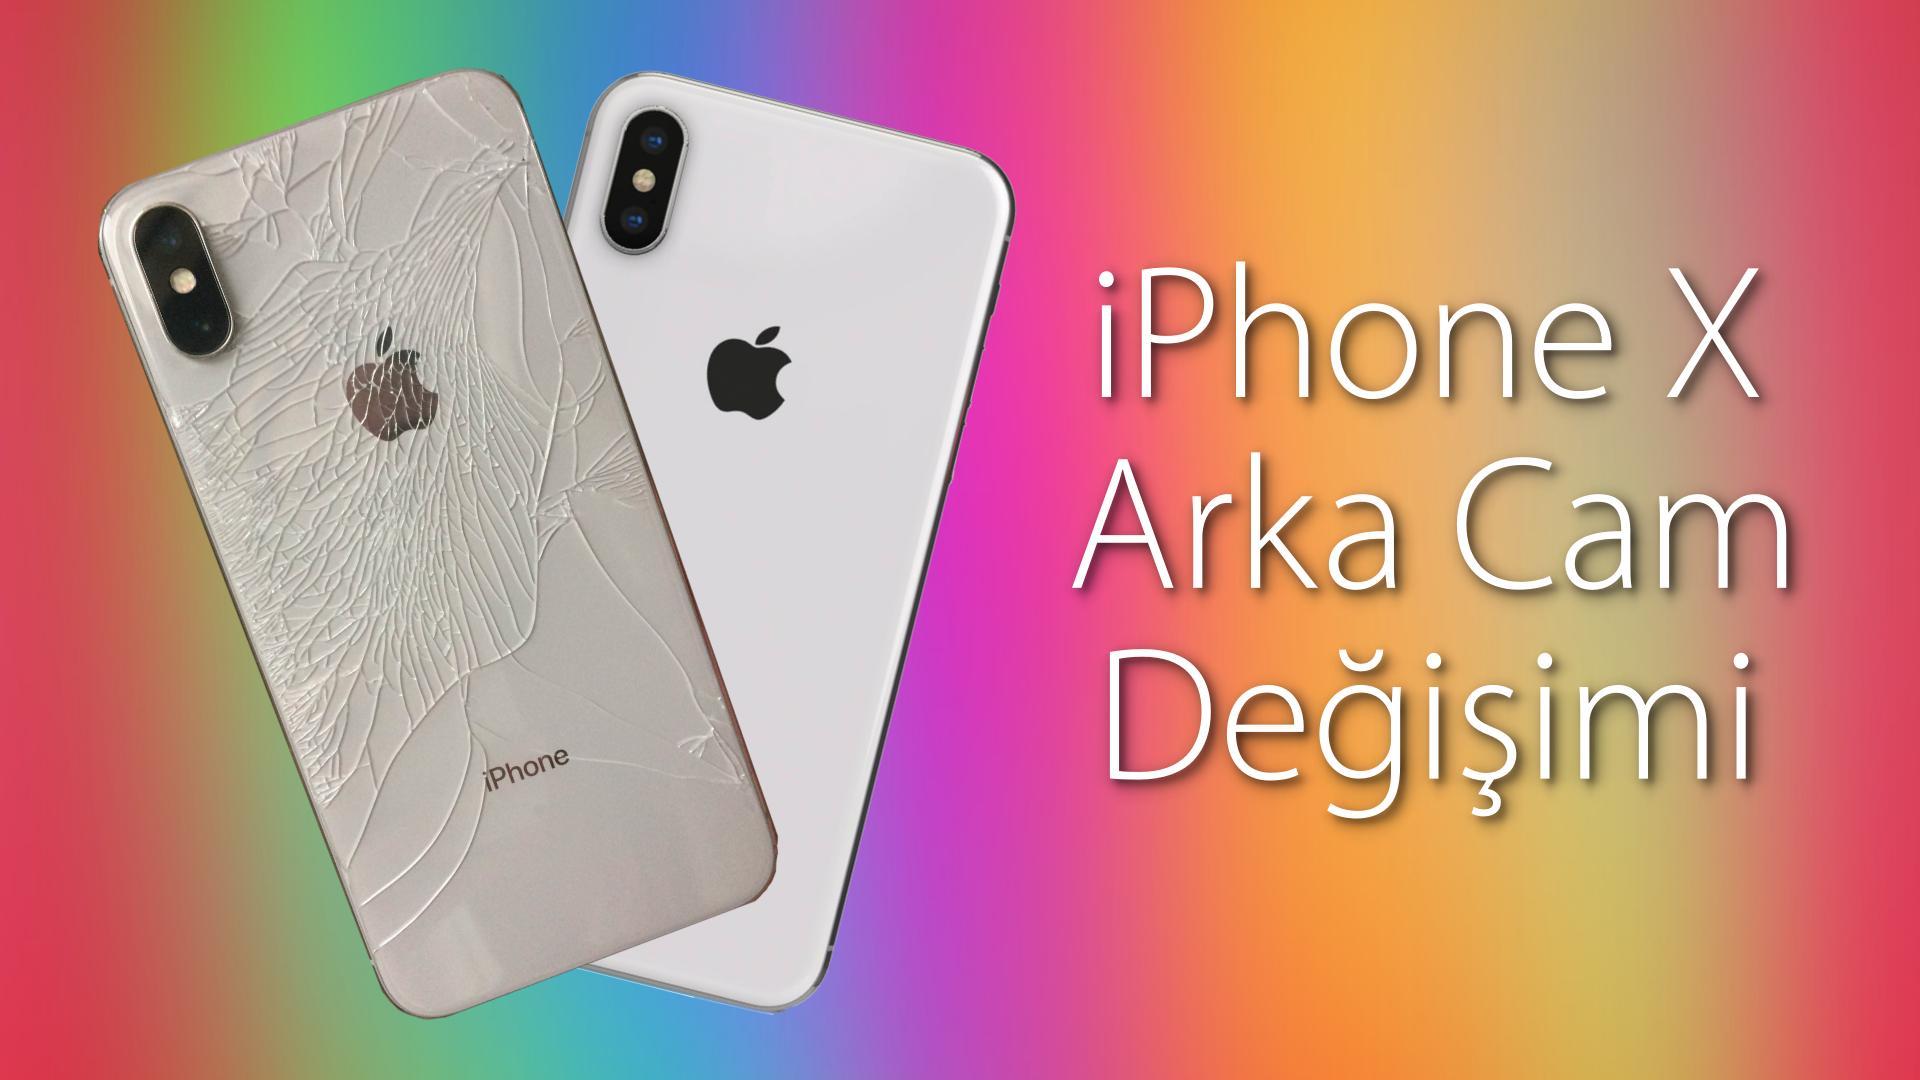 iphone X arka cam değişimi